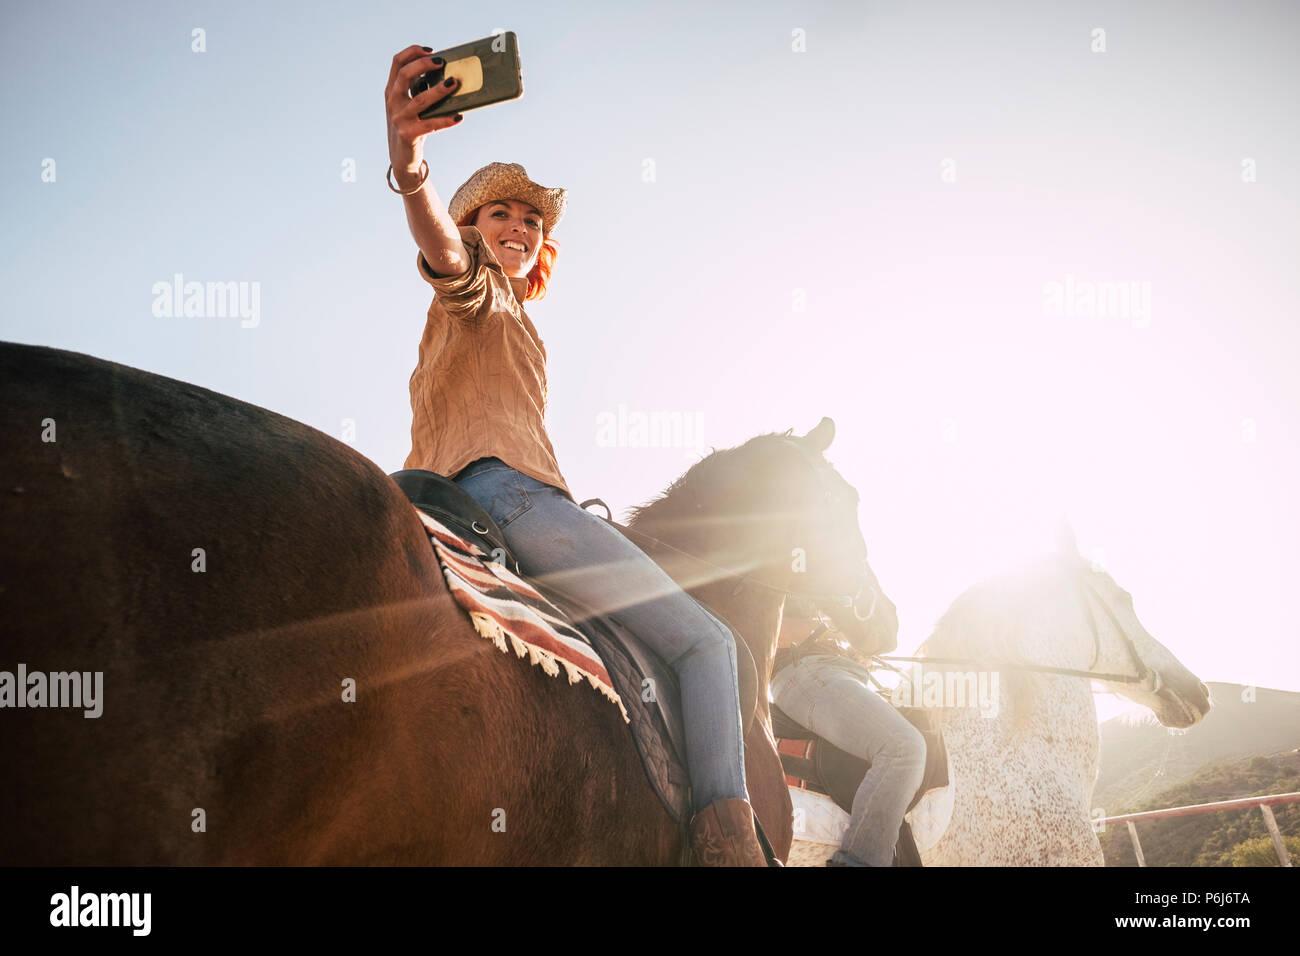 Paar Pferden nehmen ein selfie mit moderner Technik smartphone. cowboy Lifestyle und Lächeln Frau. Sonnenuntergang und Hintergrundbeleuchtung für Freizeitaktivitäten Stockbild